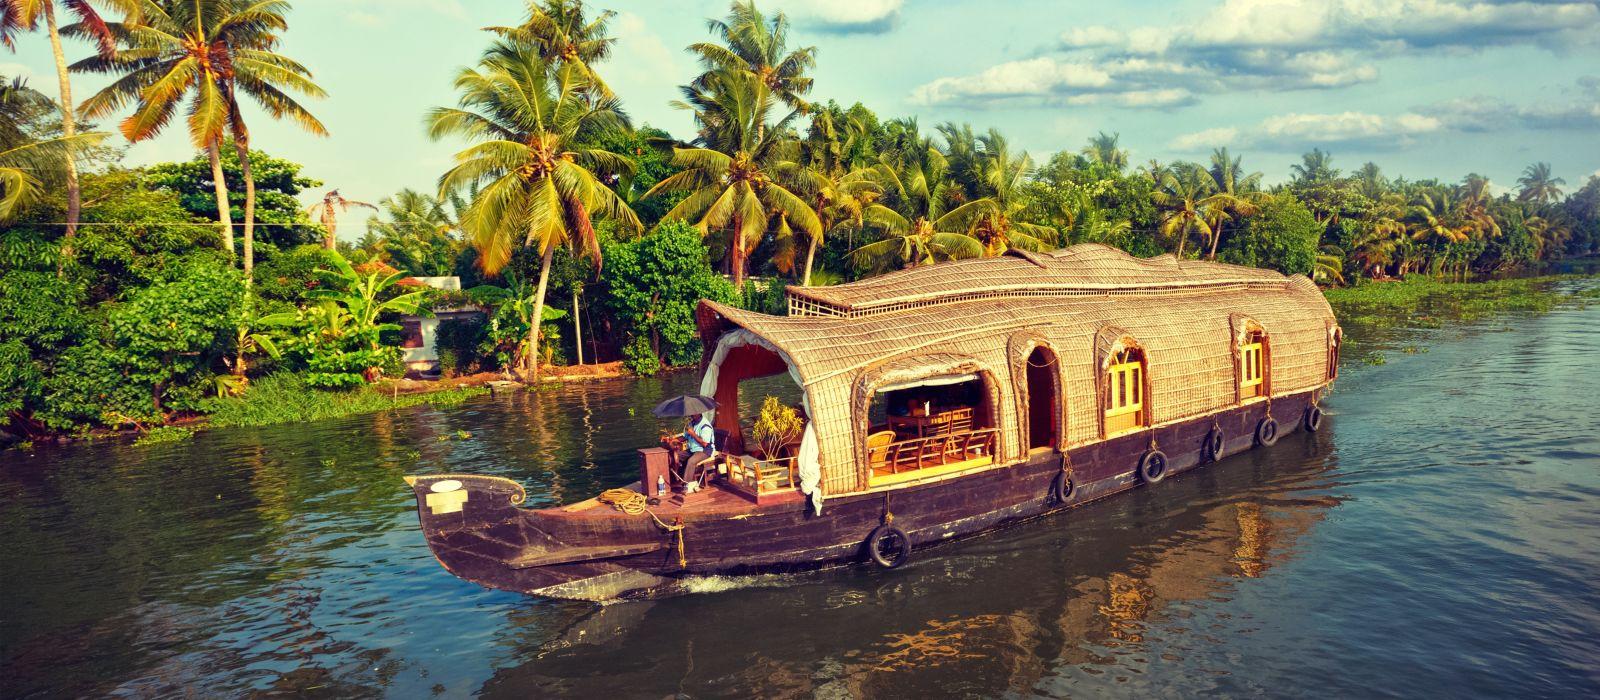 Große Südindienreise – Gewürze, Plantagen & Hausboot Urlaub 2